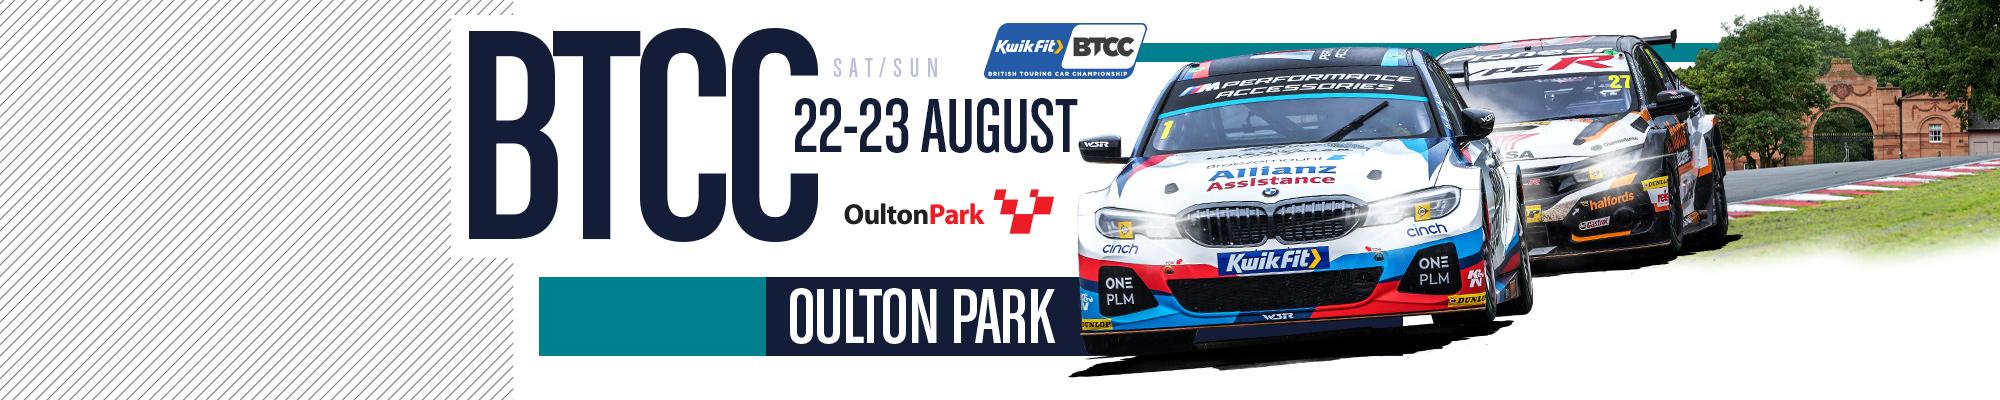 Kwik Fit British Touring Car Championship - POSTPONED